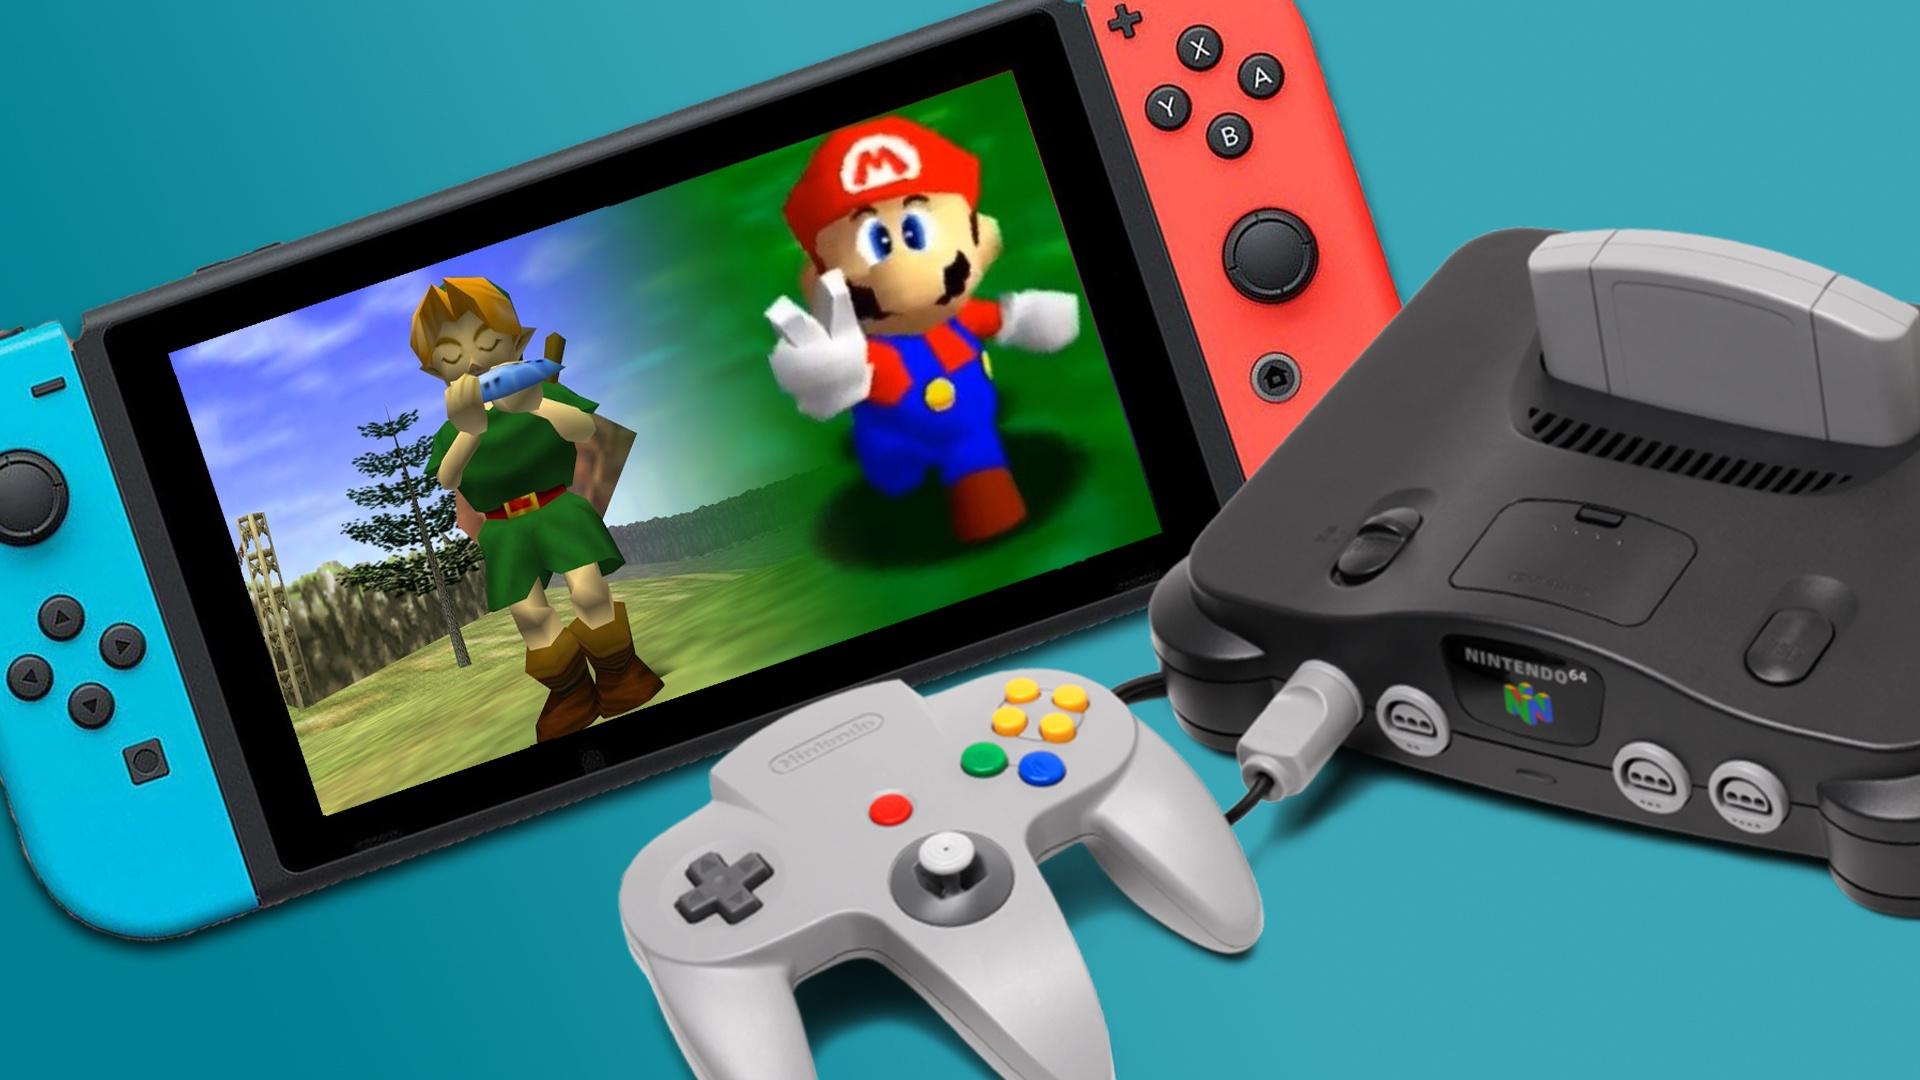 Nintendo Switch Online: Preis und Release der N64-Erweiterung bekannt